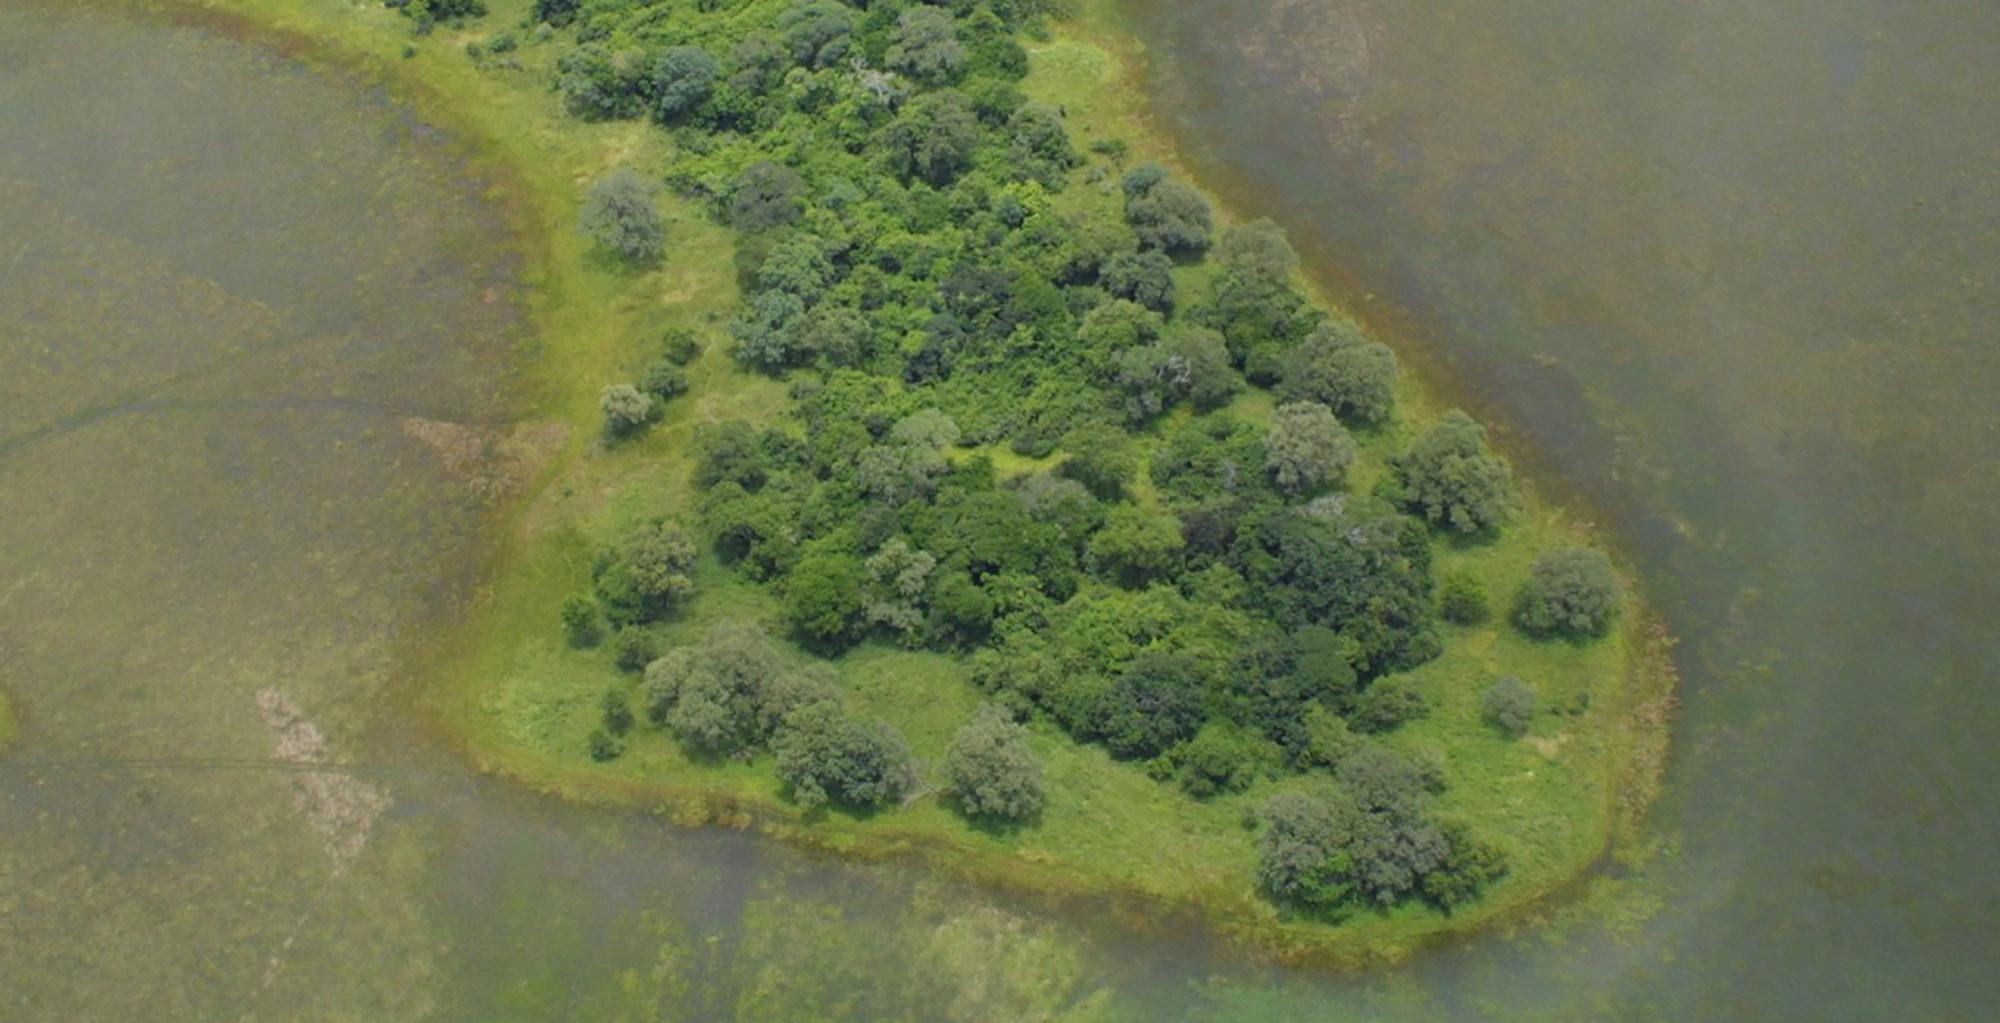 Zambia-Kapinga-Camp-Area-Aerial